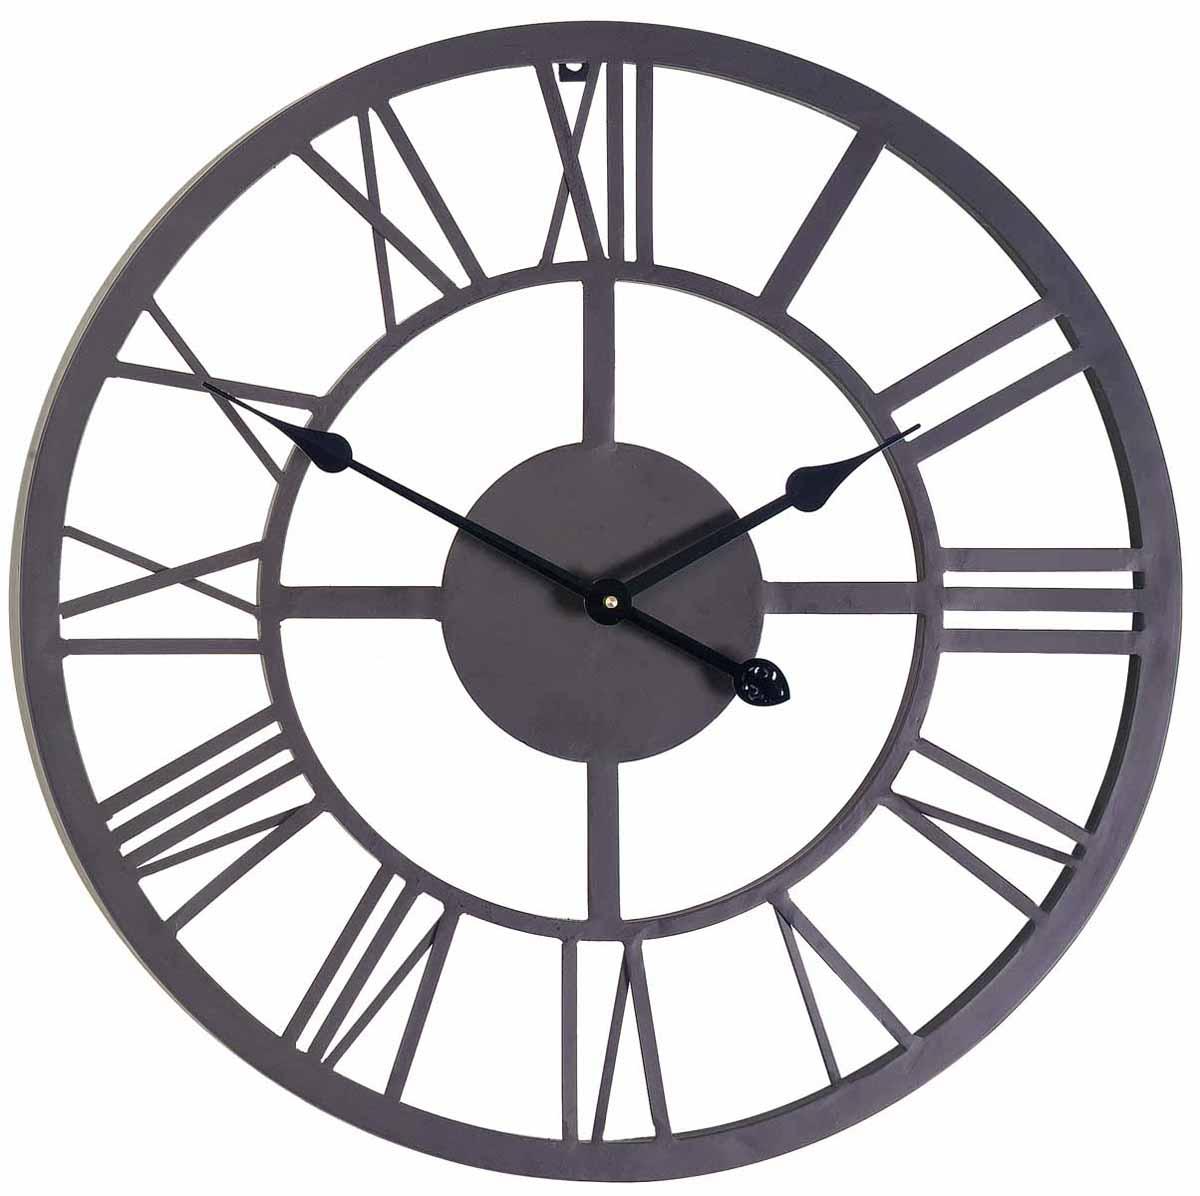 Часы настенные Gardman Римские, цвет: черный, диаметр 56 см. 17176BL505Кварцевые настенные часы Gardman Римские перфорированной конструкции выполнены из металла, окрашенного в черный цвет. Такие часы отлично украсят интерьер гостиной, офиса или сада. Подходят для уличного декора. Часы оформлены римскими цифрами и имеют две стрелки - часовую и минутную.Часы Gardman Римские станут замечательным дизайнерским решением для декора сада, дачи или гостиной дома. Характеристики:Материал: металл. Цвет: черный. Диаметр часов: 56 см. Рекомендуется докупить одну батарейку типа АА (в комплект не входит). Товары для садоводства от Gardman - это вещи, сделанные с любовью, с истинноанглийской практичностью, основанной на глубоких традициях садоводстваВеликобритании. Эти товары широко известны садоводам Европы, США, Канады и Японии. Демократичныецены и продуманный ассортимент Gardman завоевал признательность и российскогопокупателя, достойного хороших, качественных вещей. В ассортименте Gardman есть практически все, что нужно современному садоводу - отсовочка для рассады до предметов декора и ландшафтного дизайна.